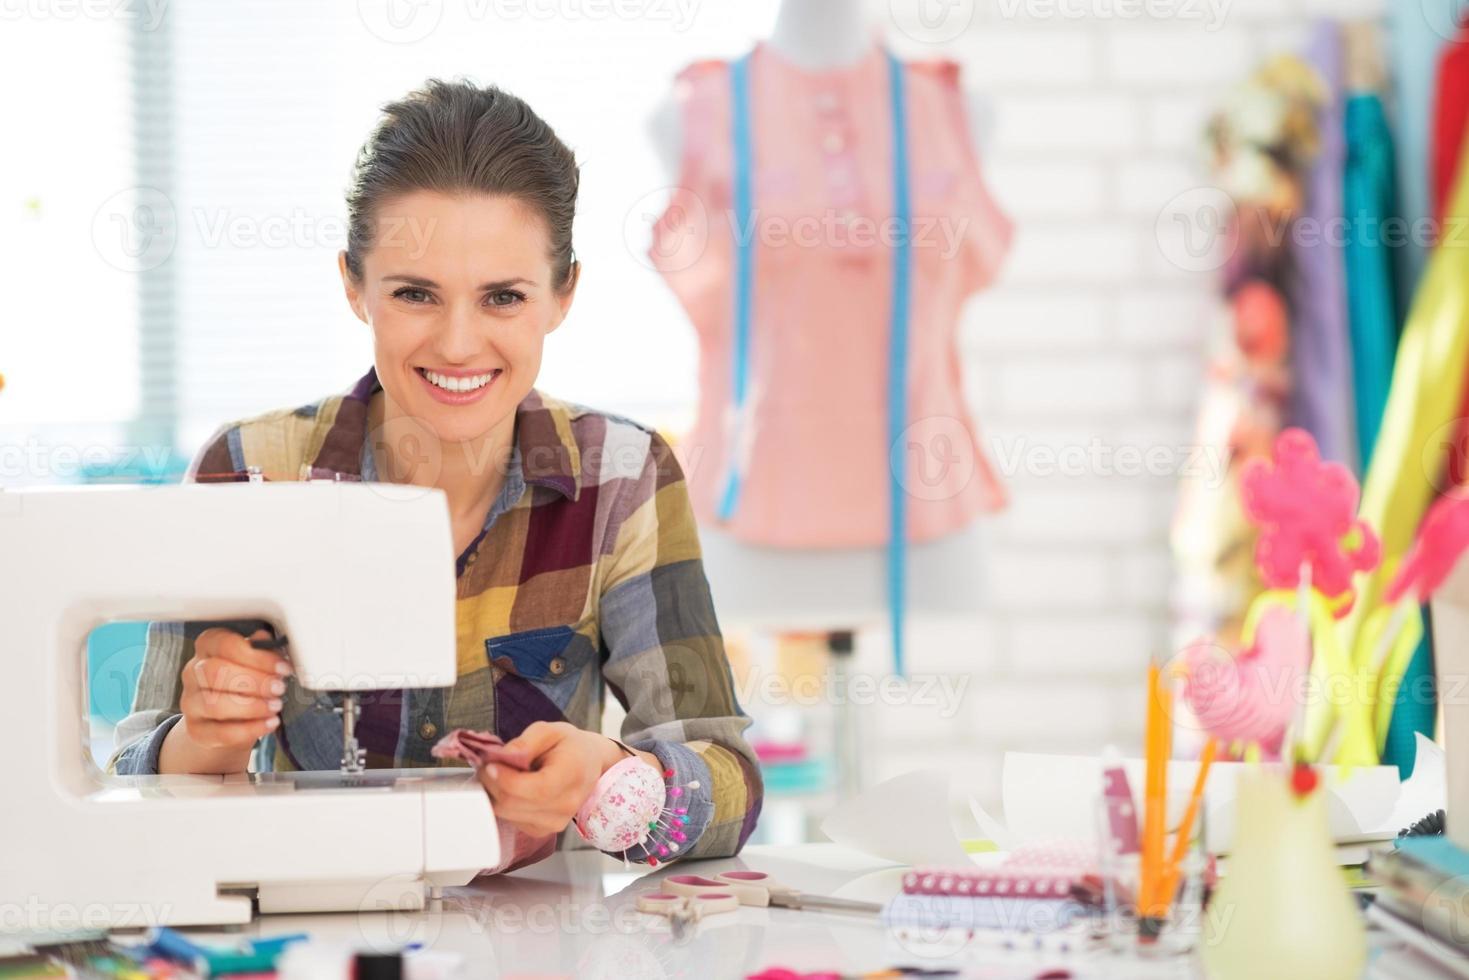 costureira feliz costura em estúdio foto